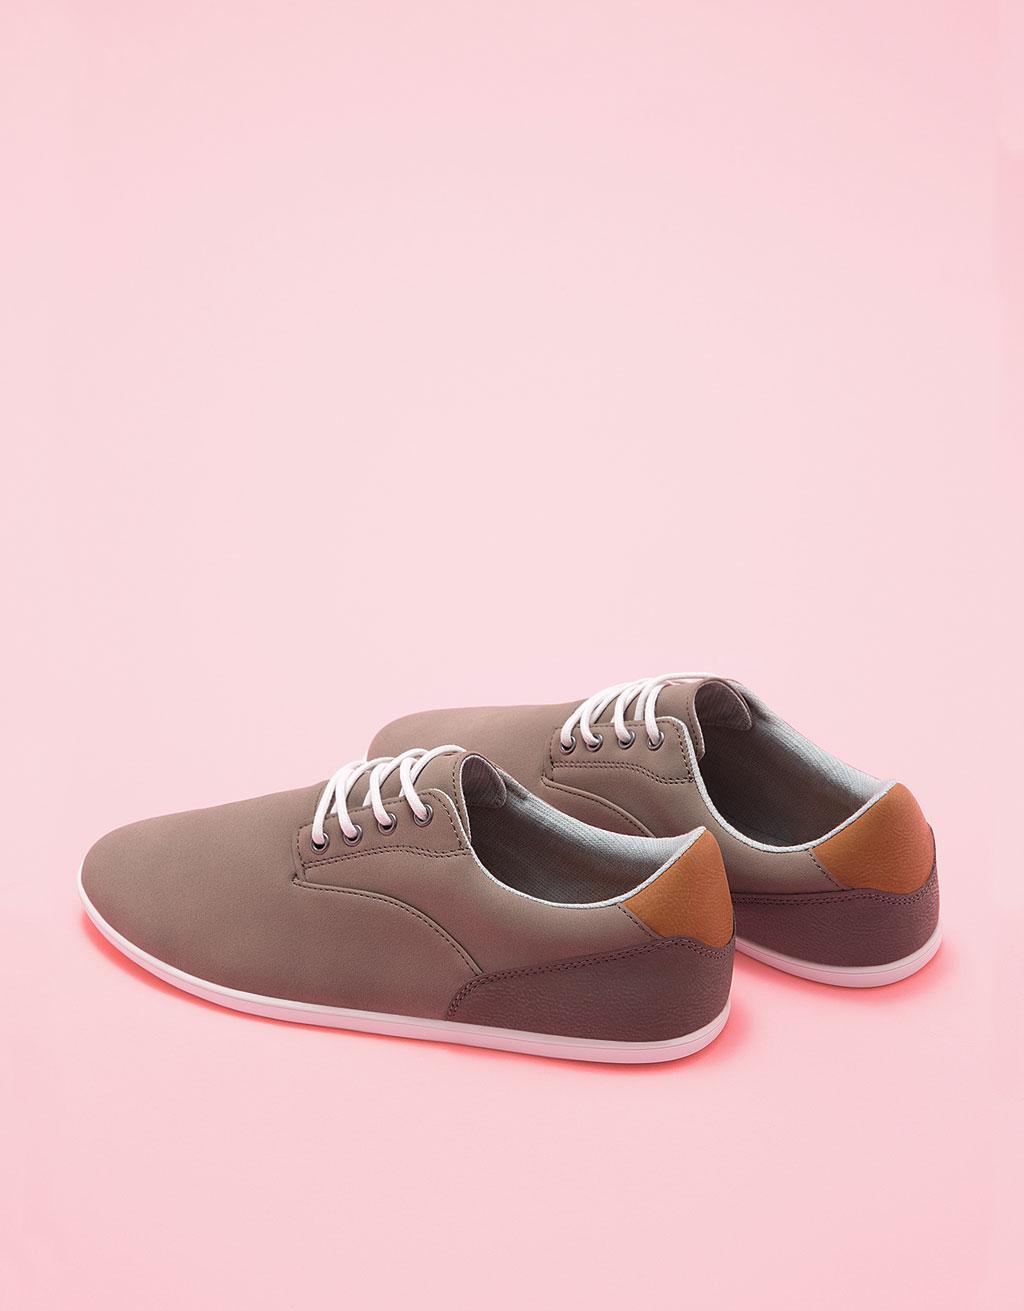 Kombinētas vīriešu kurpes ar auklām